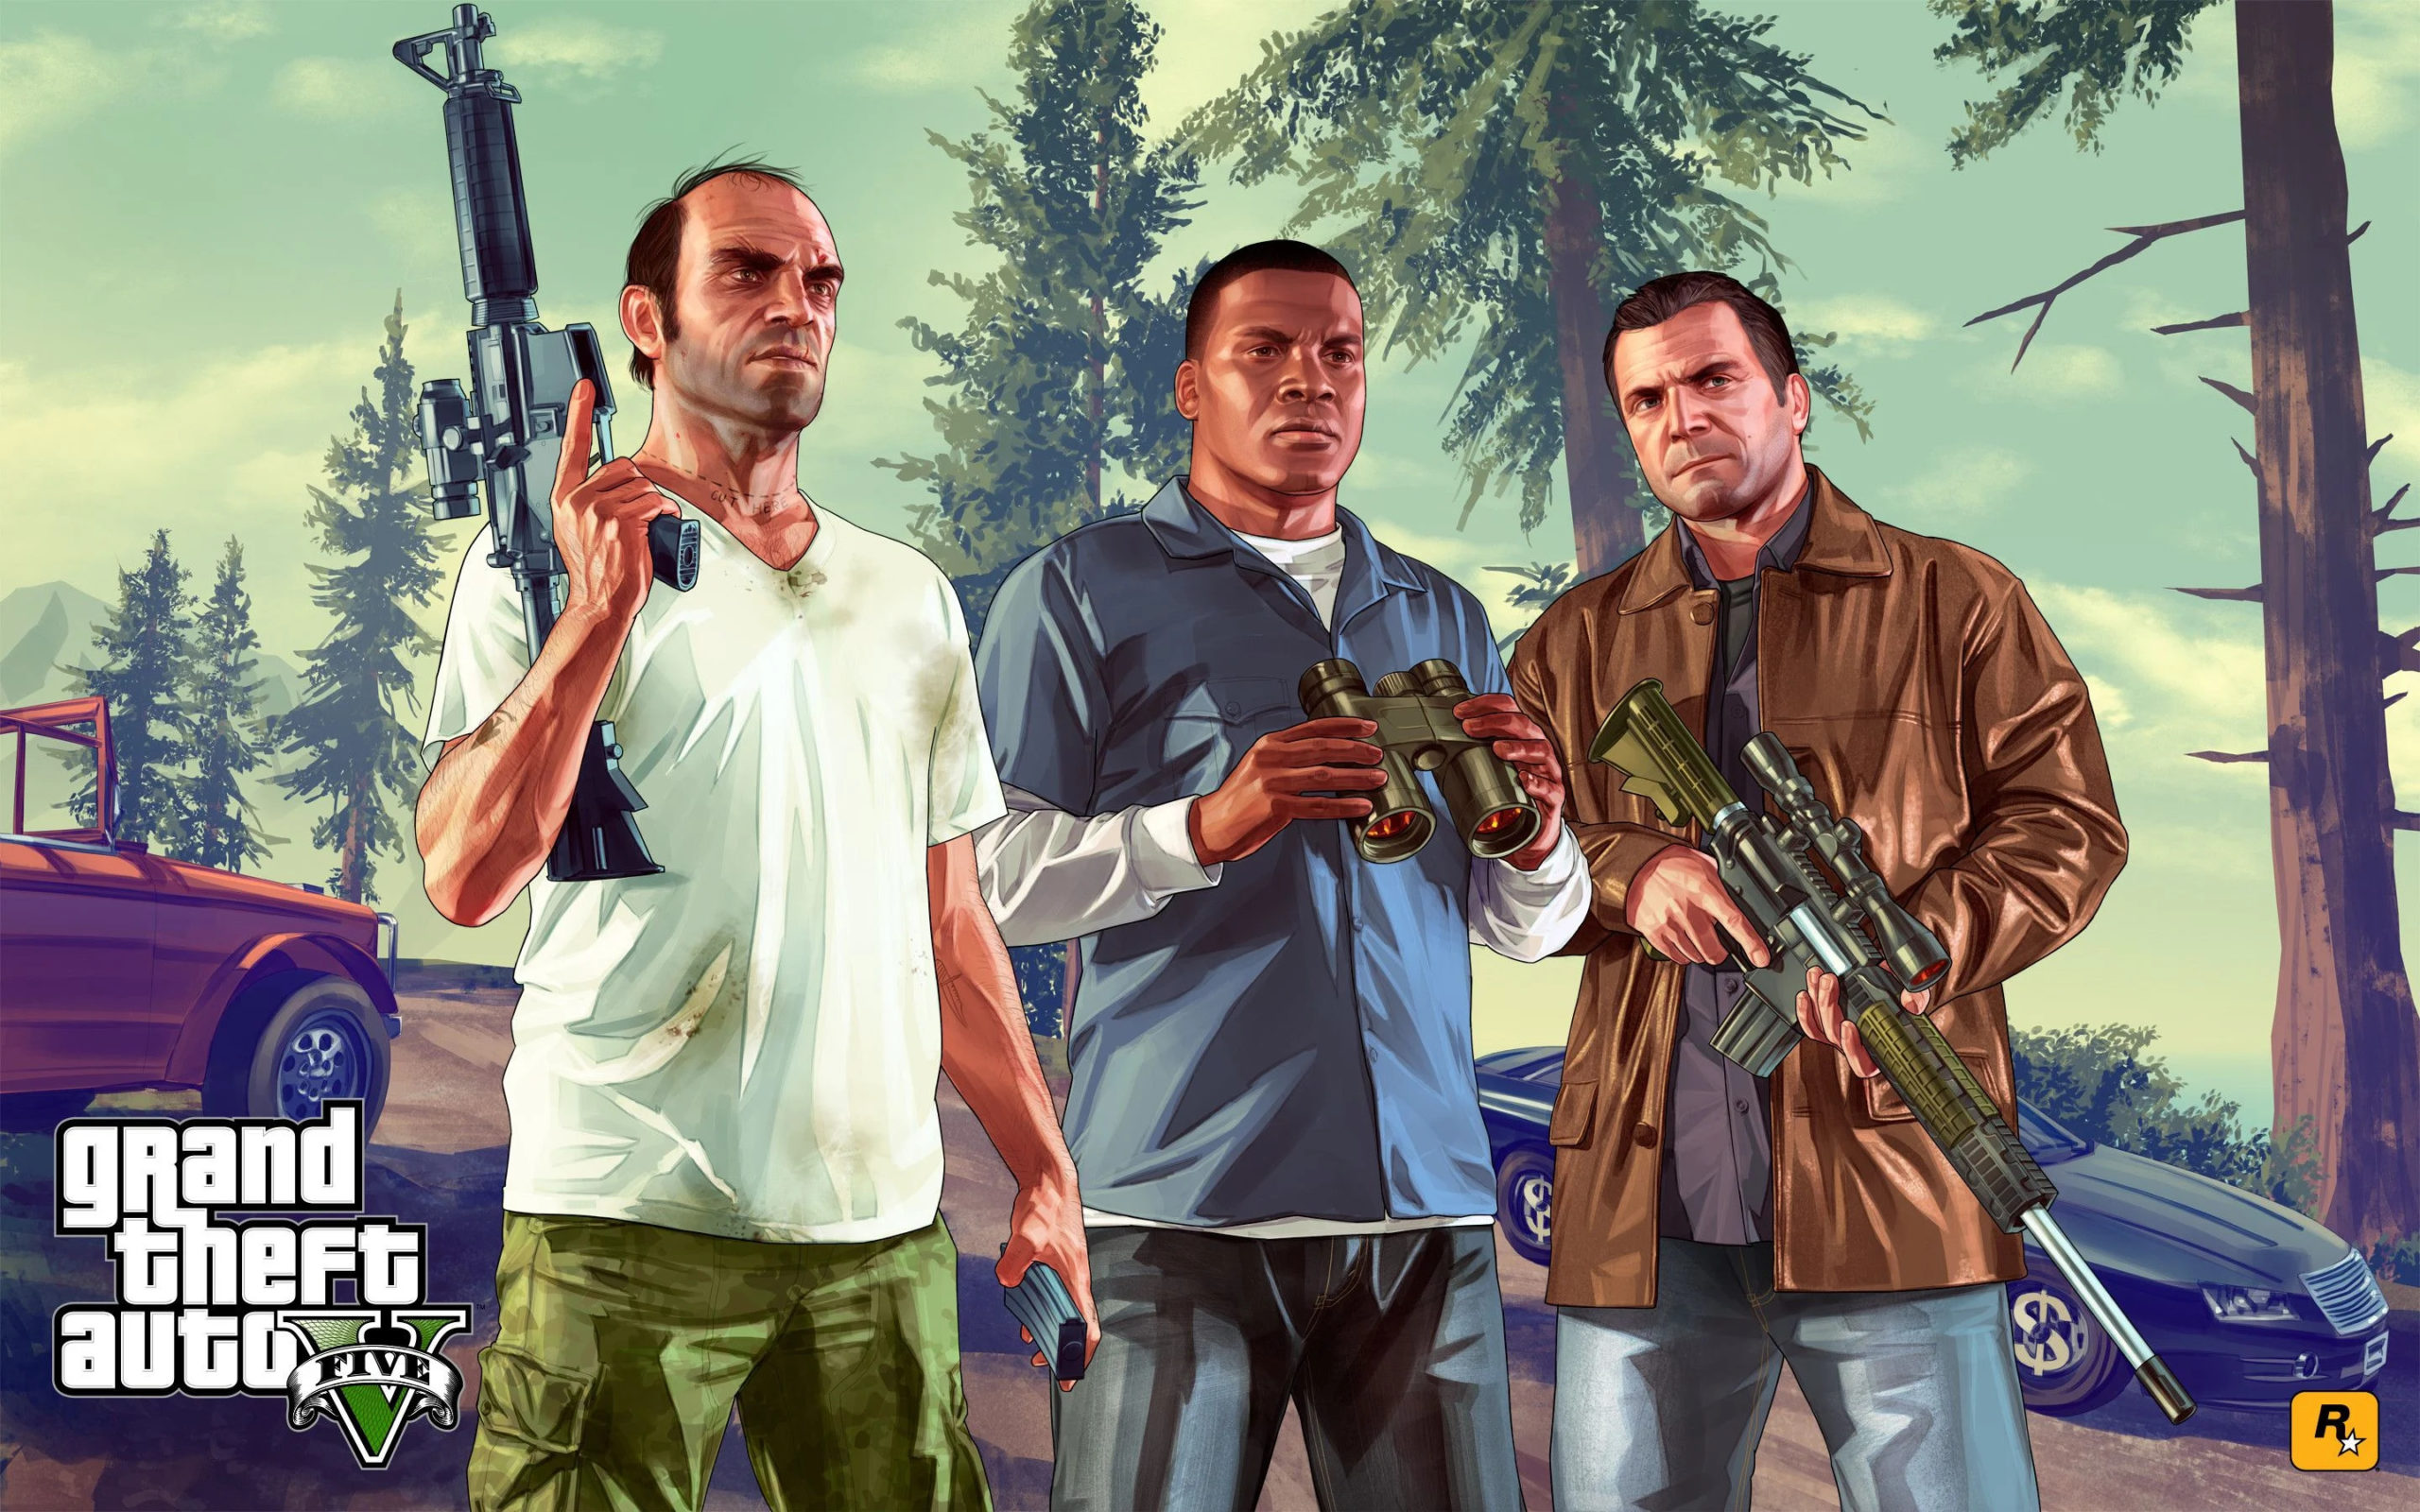 Comment Grand Theft Auto (GTA) est devenu une icône controversée de plusieurs milliards de dollars